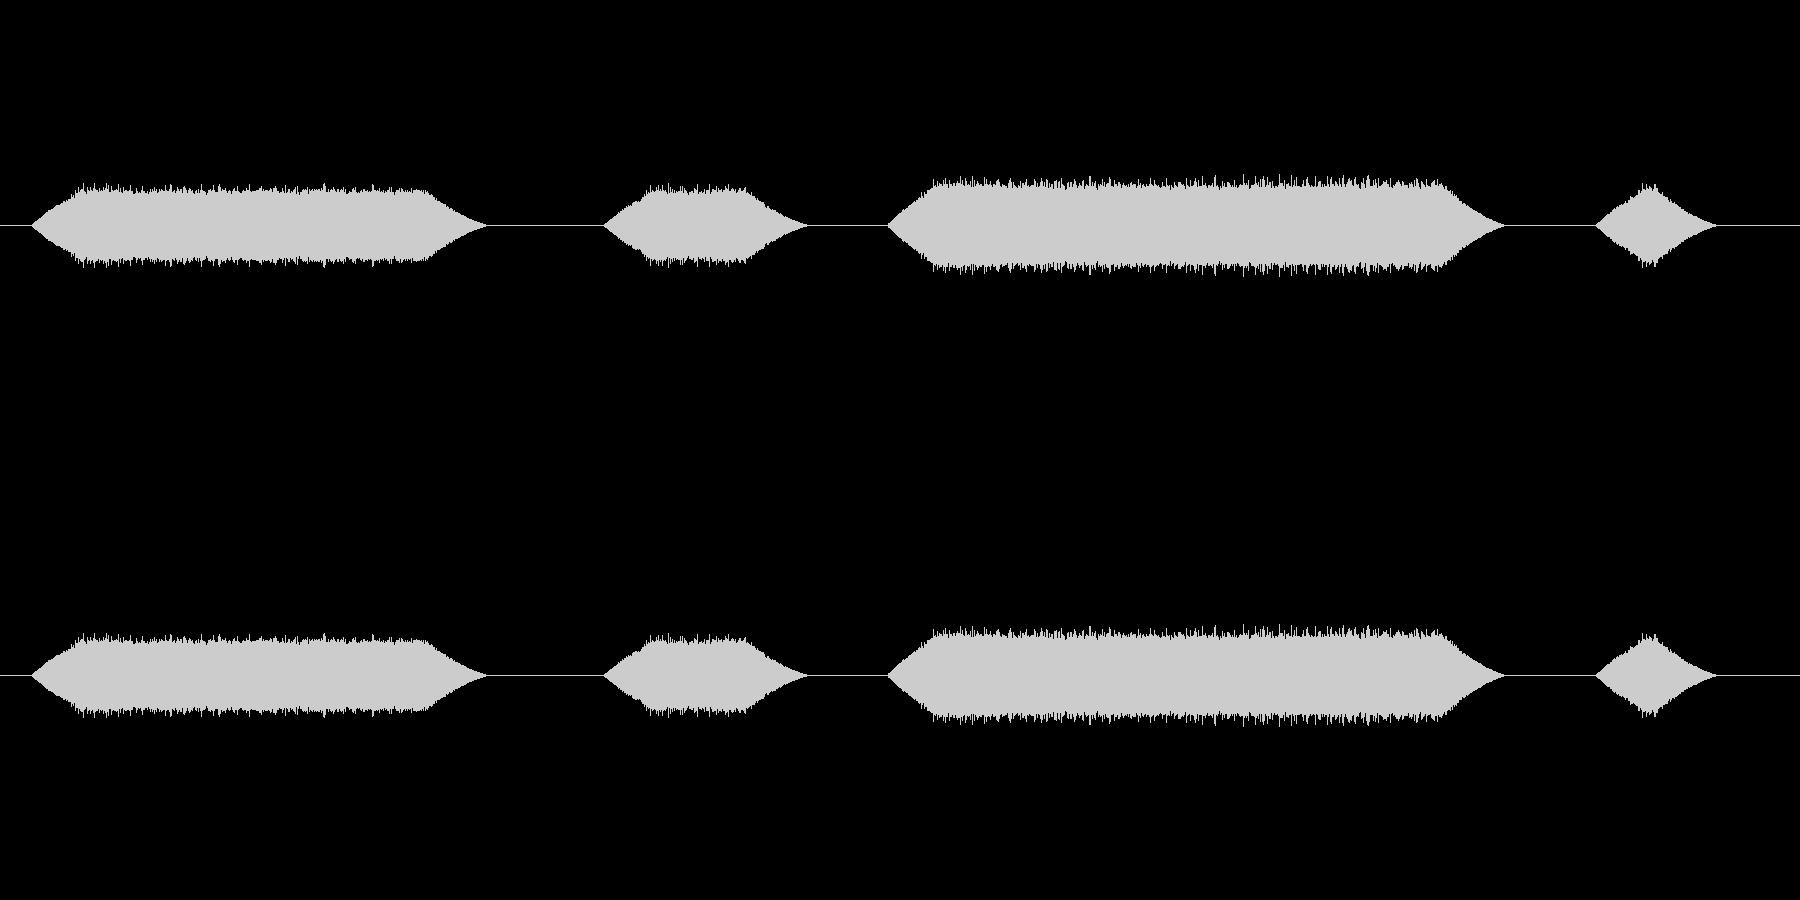 メカ動作・レーザーメス#6の未再生の波形